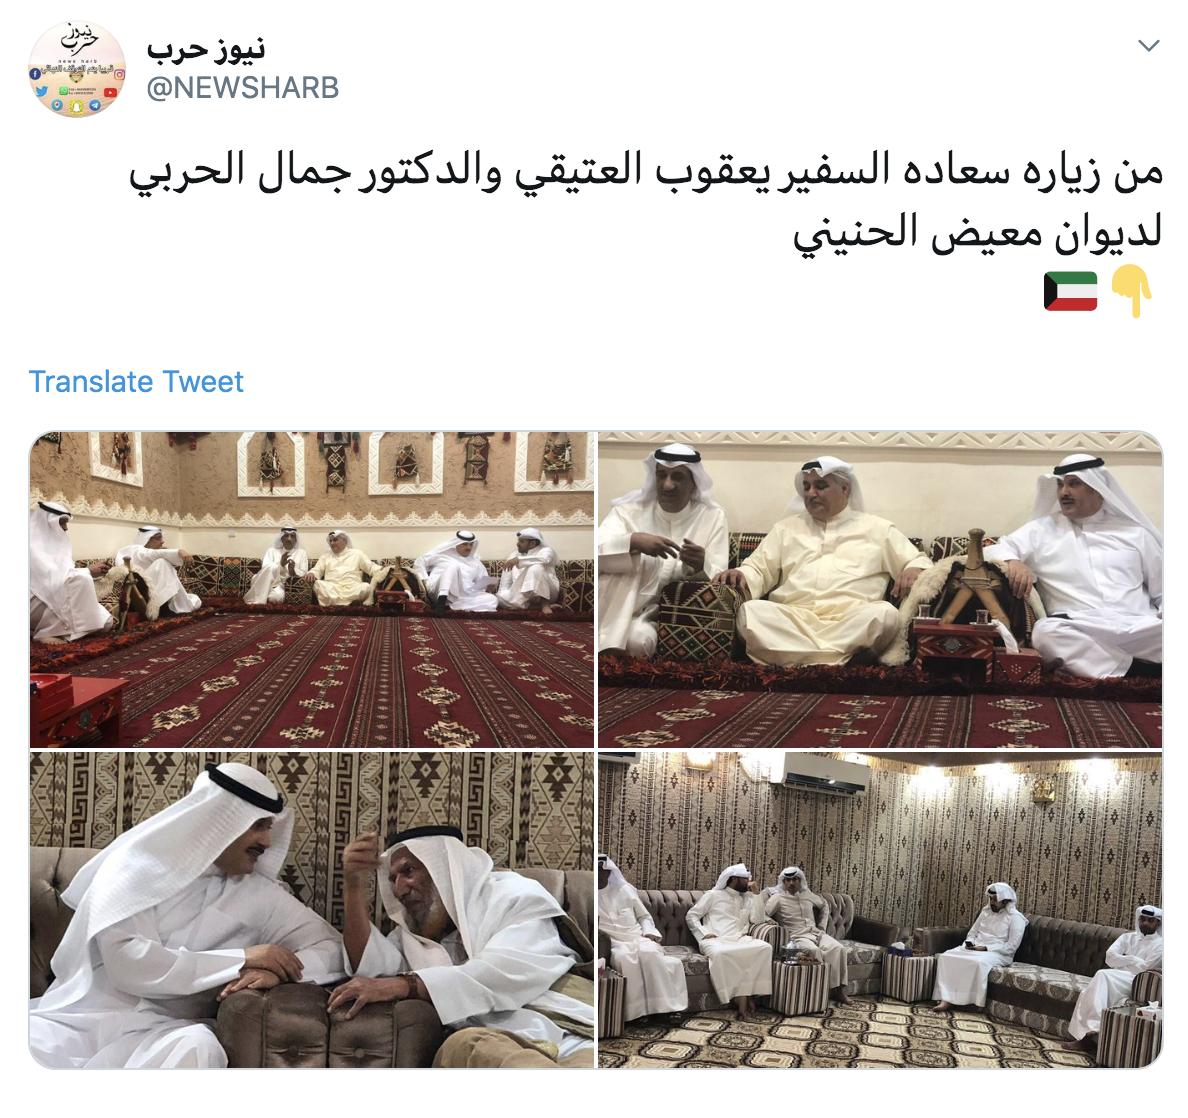 زياره سعاده السفير يعقوب العتيقي